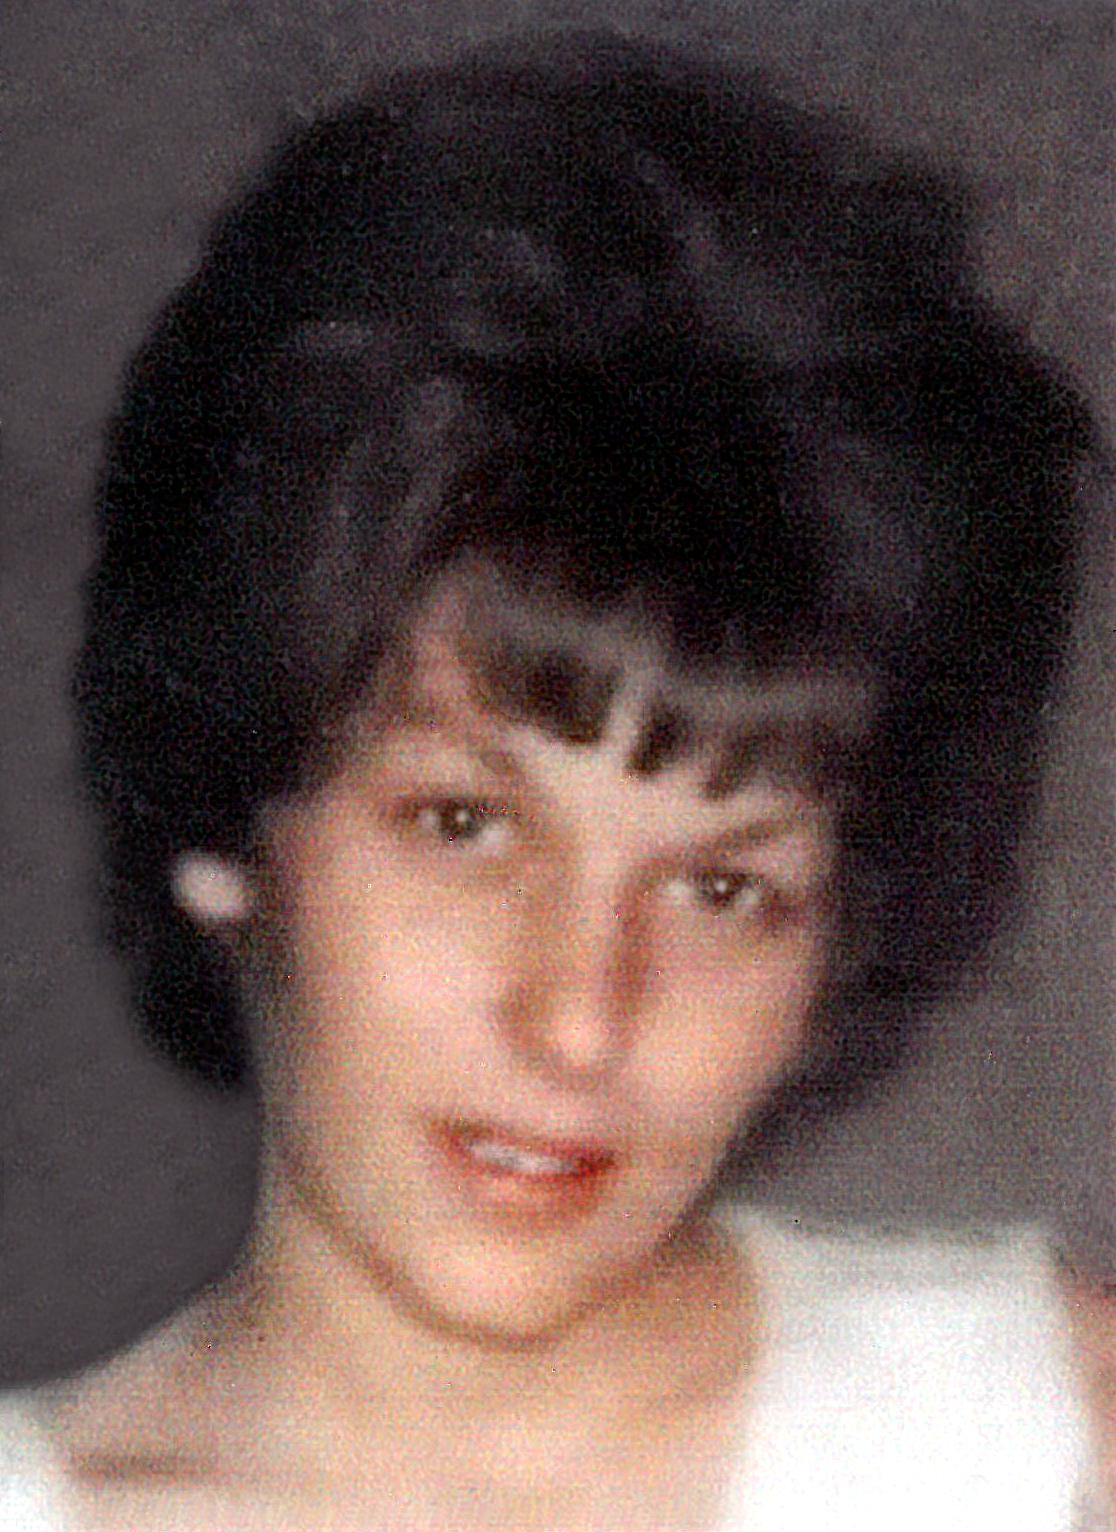 Obituary: Carol Fairbanks